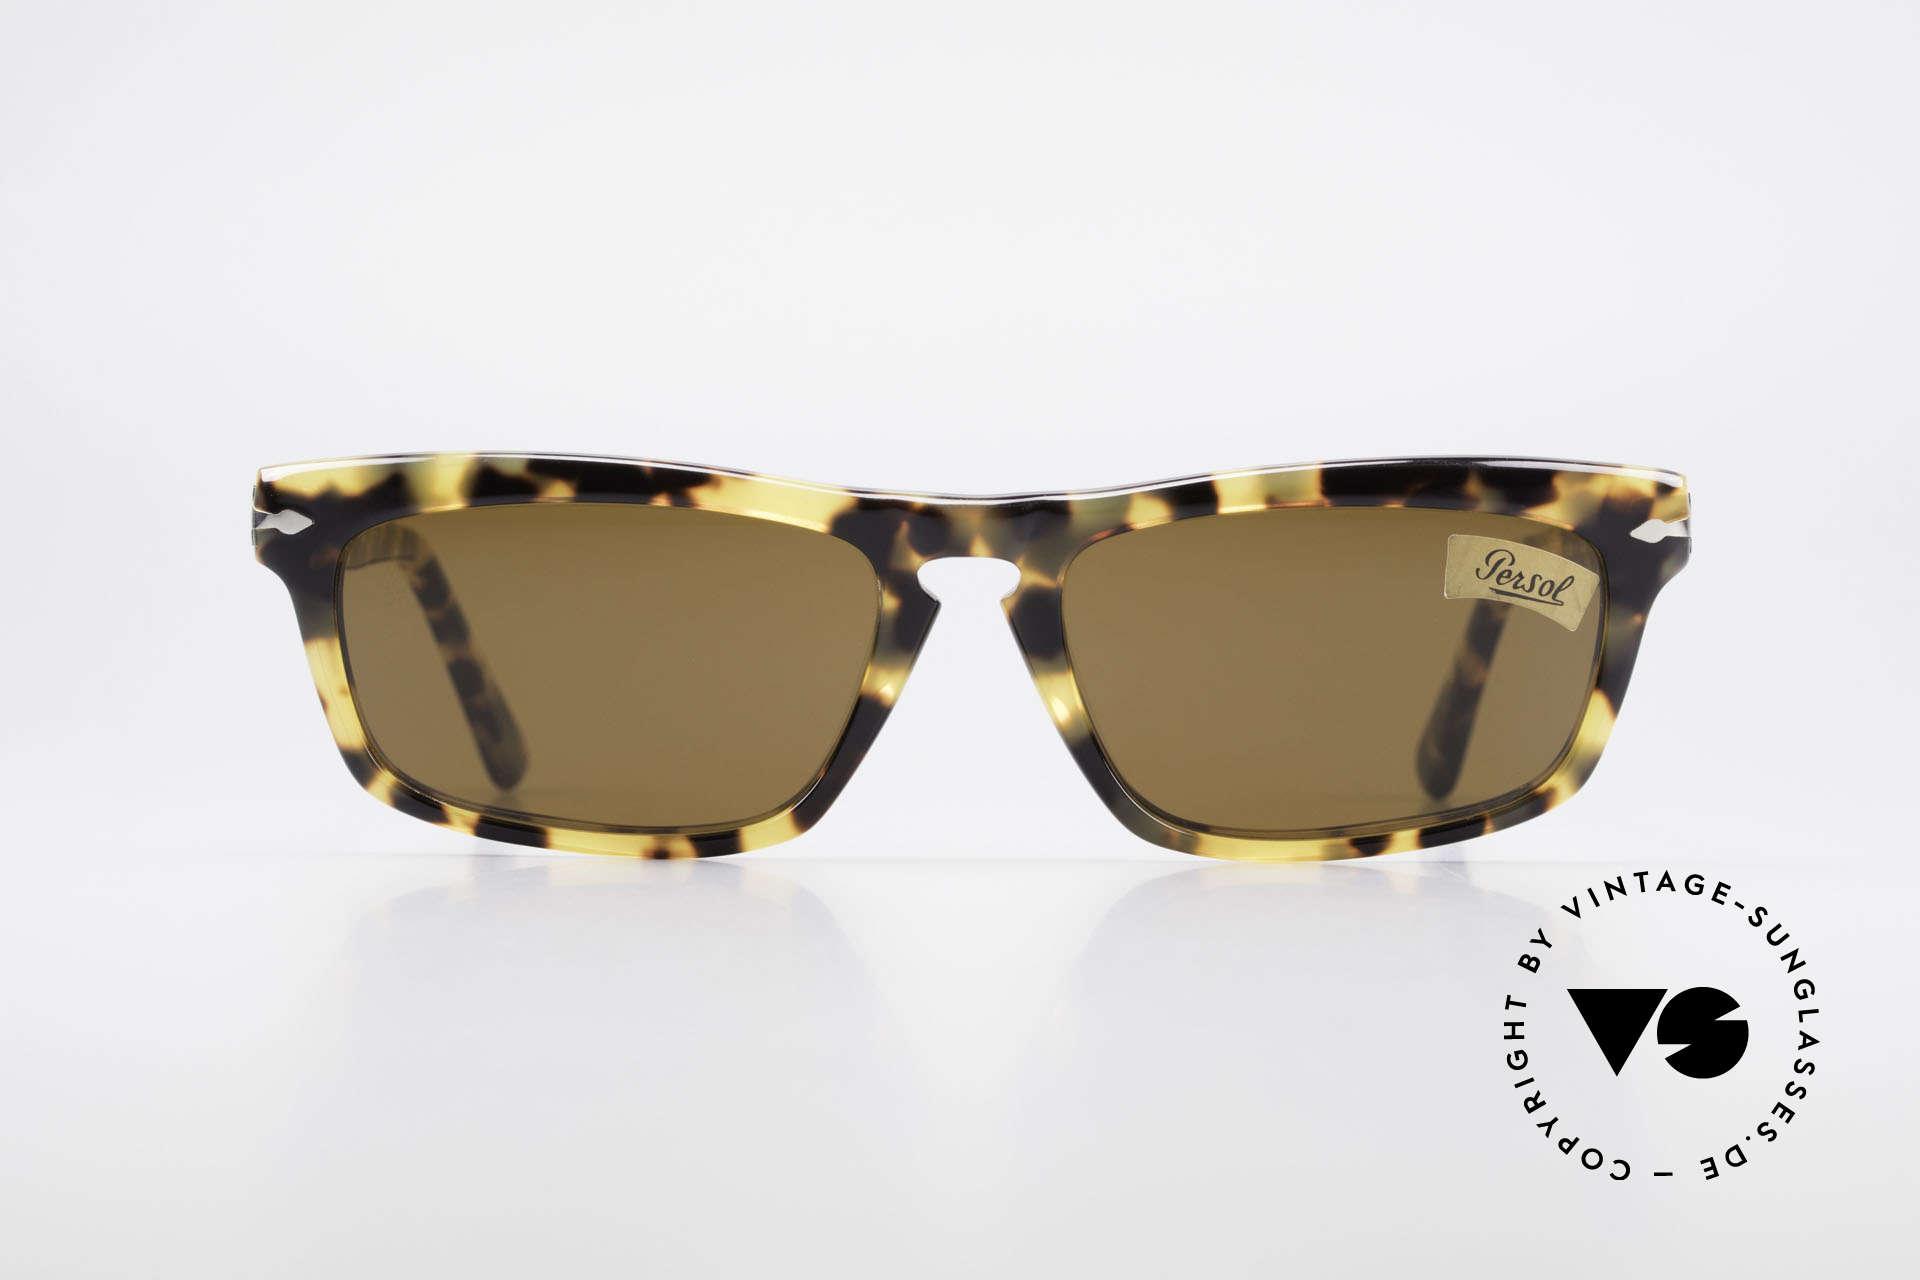 Persol 80's Pp507 True Ratti Vintage Sunglasses KJl1cTF3